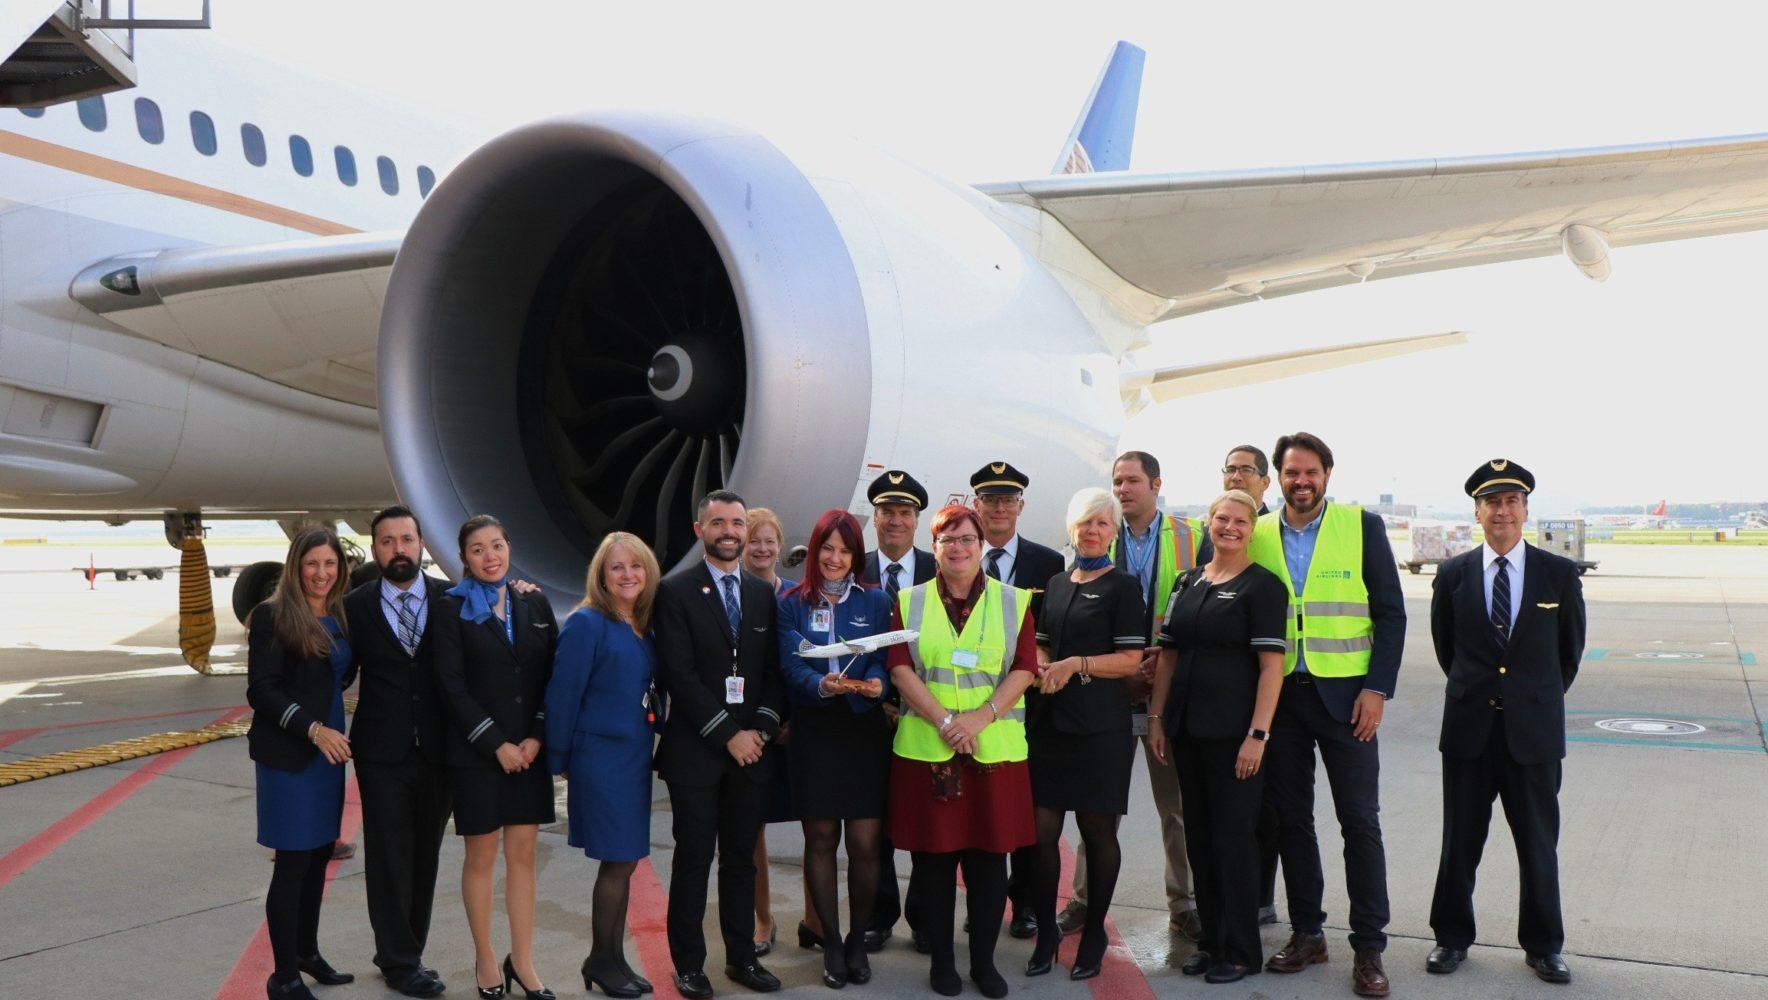 United Airlines Crew, Maria Race und Reto Schneider nach der landung am ZRH Airport